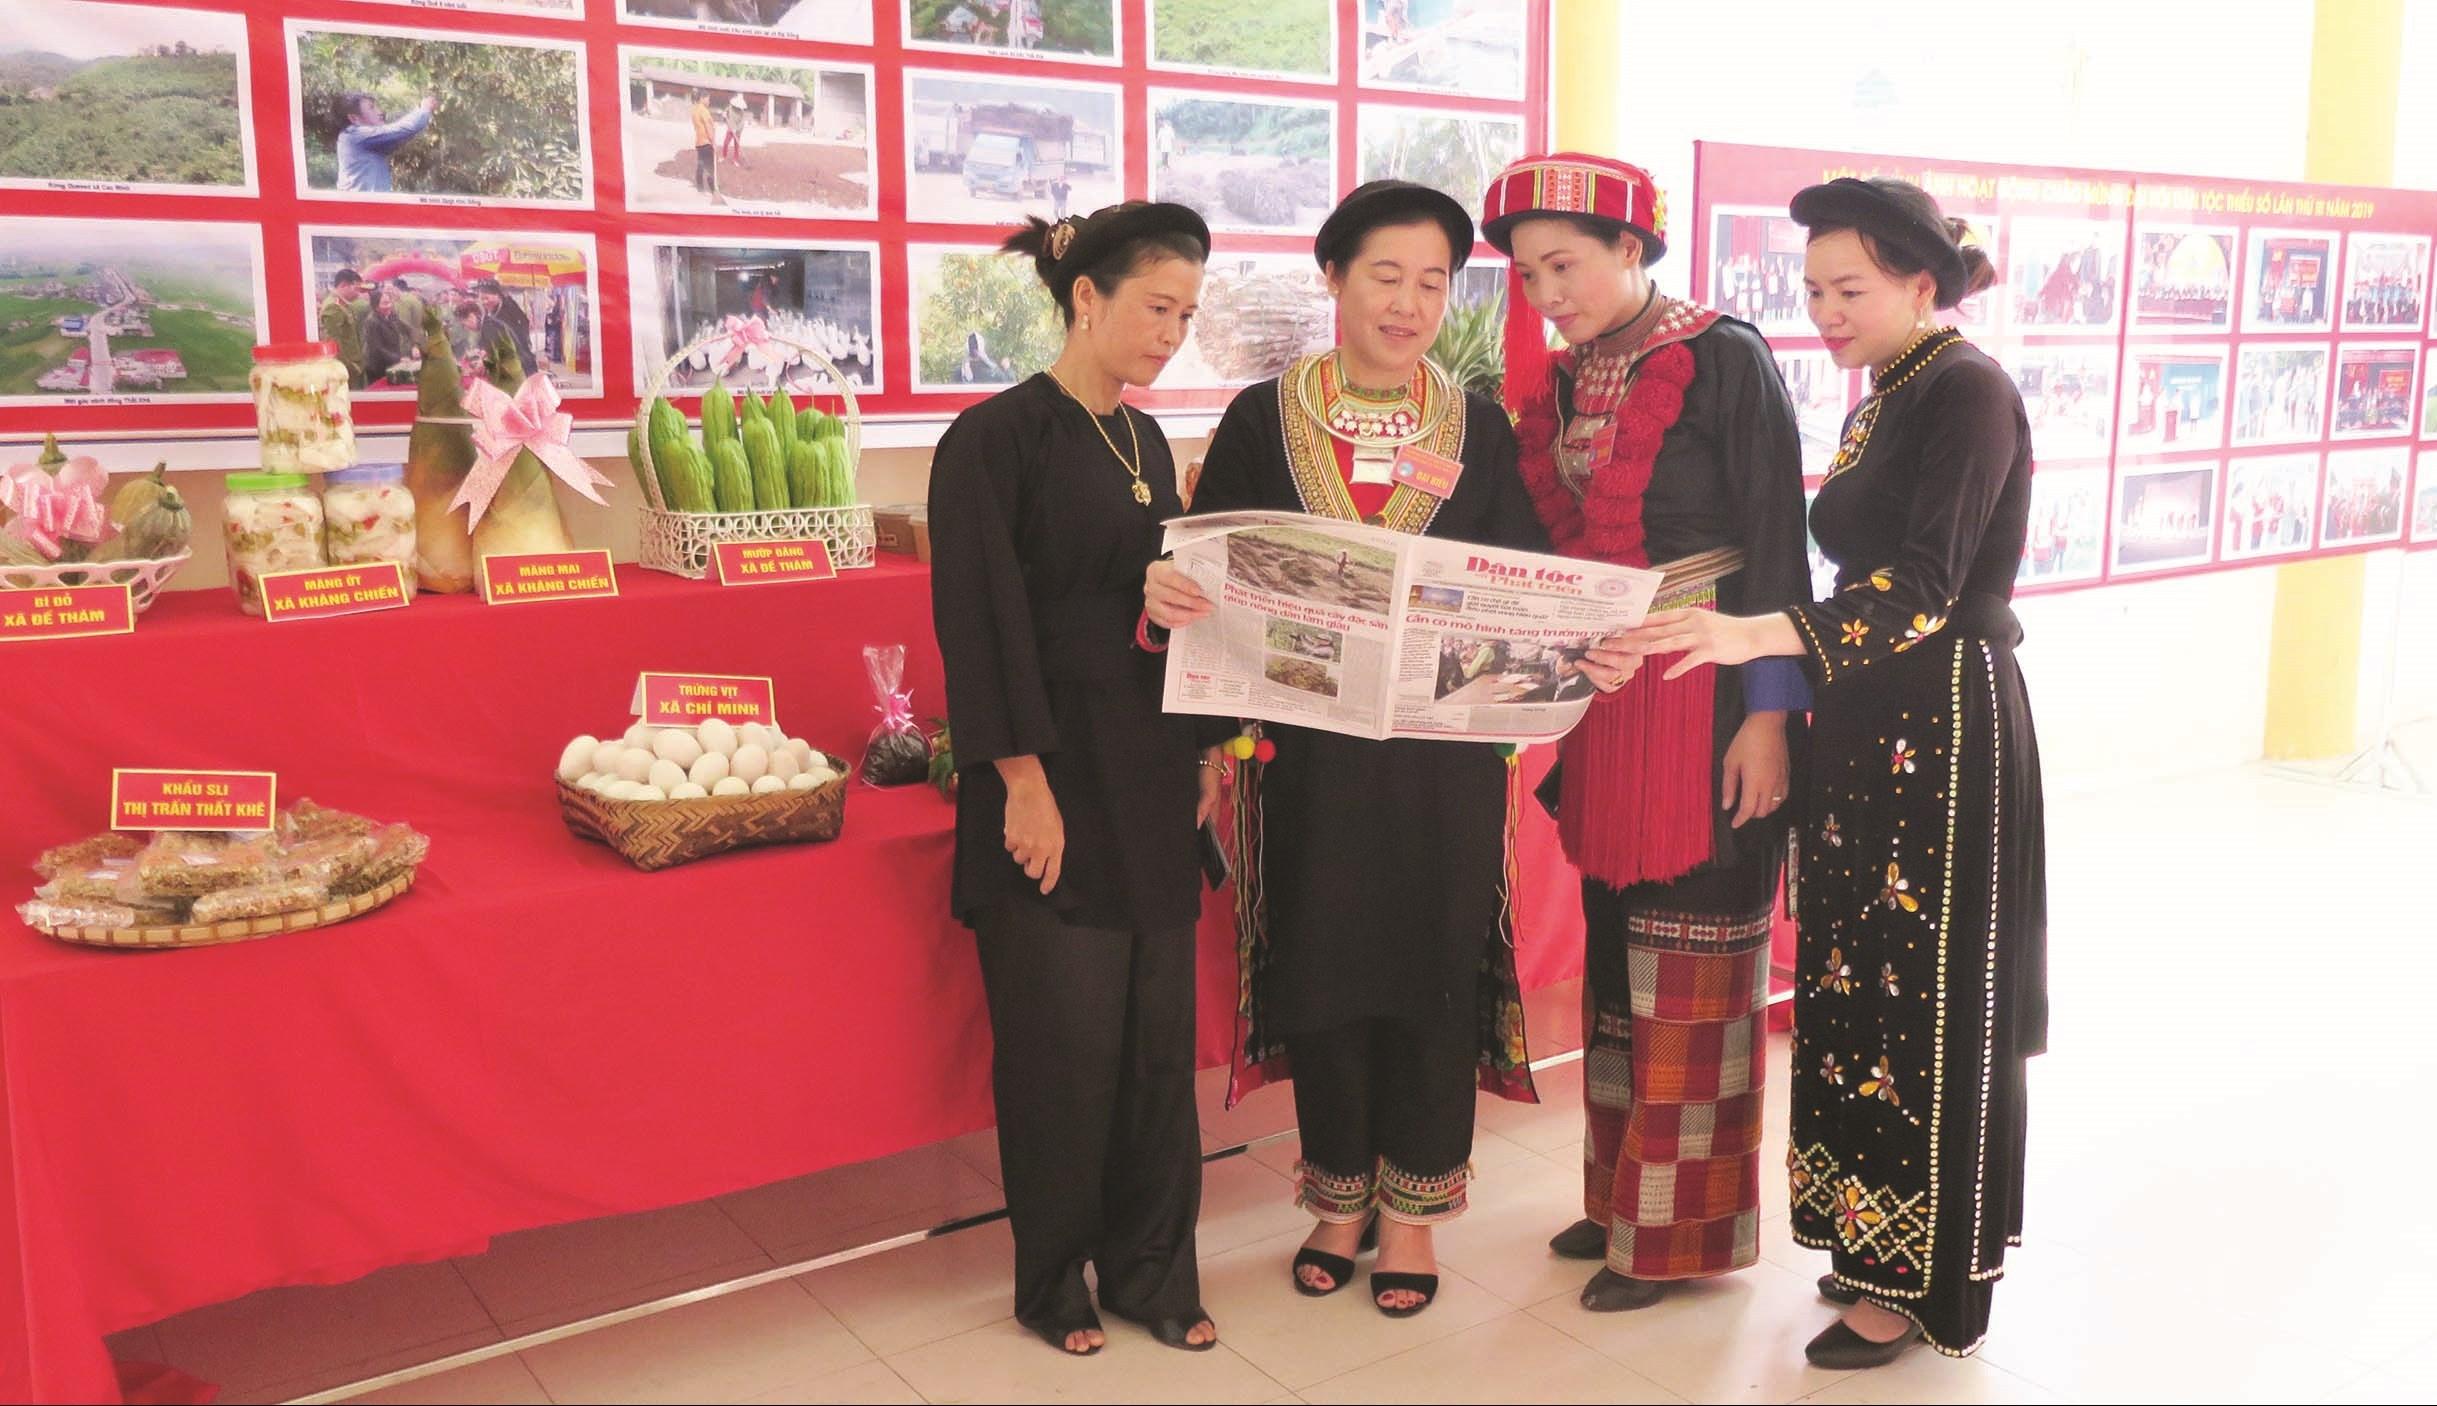 Chị Bàn Thị Thanh (thứ hai bên trái) cùng bà con DTTS tìm hiểu thông tin trên Báo Dân tộc và Phát triển.